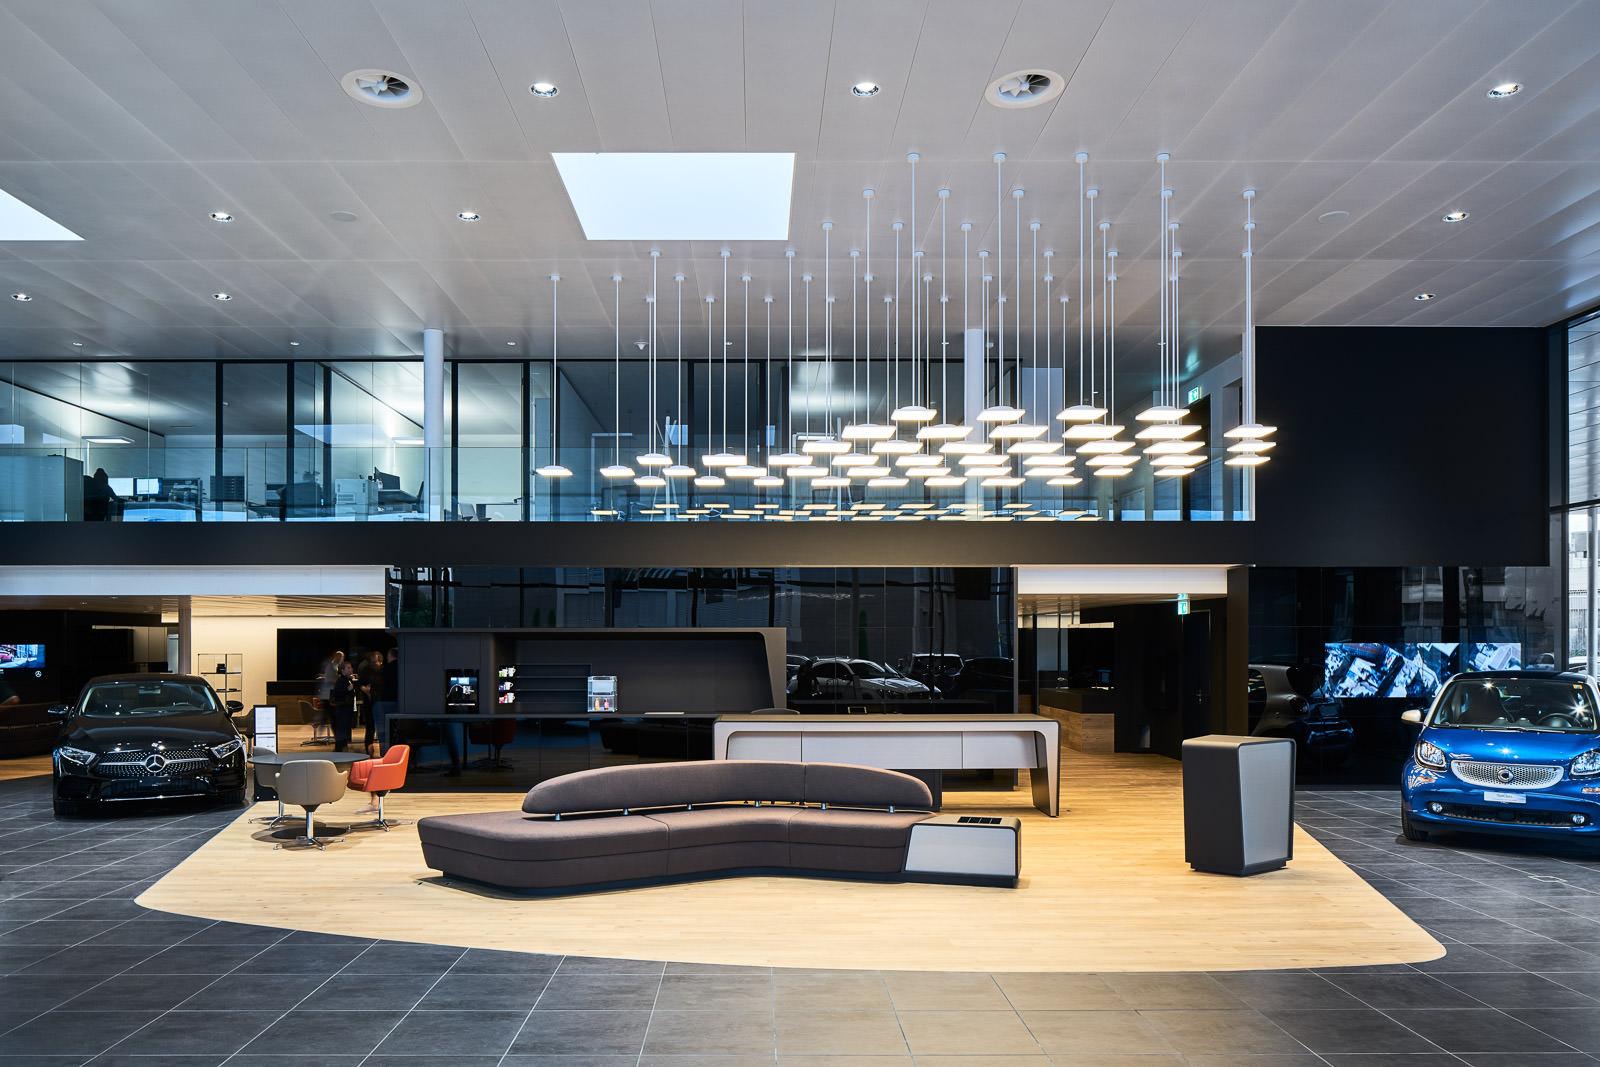 Firmengebäude, Garage, Autohaus - Architektur Fotograf für Firmen